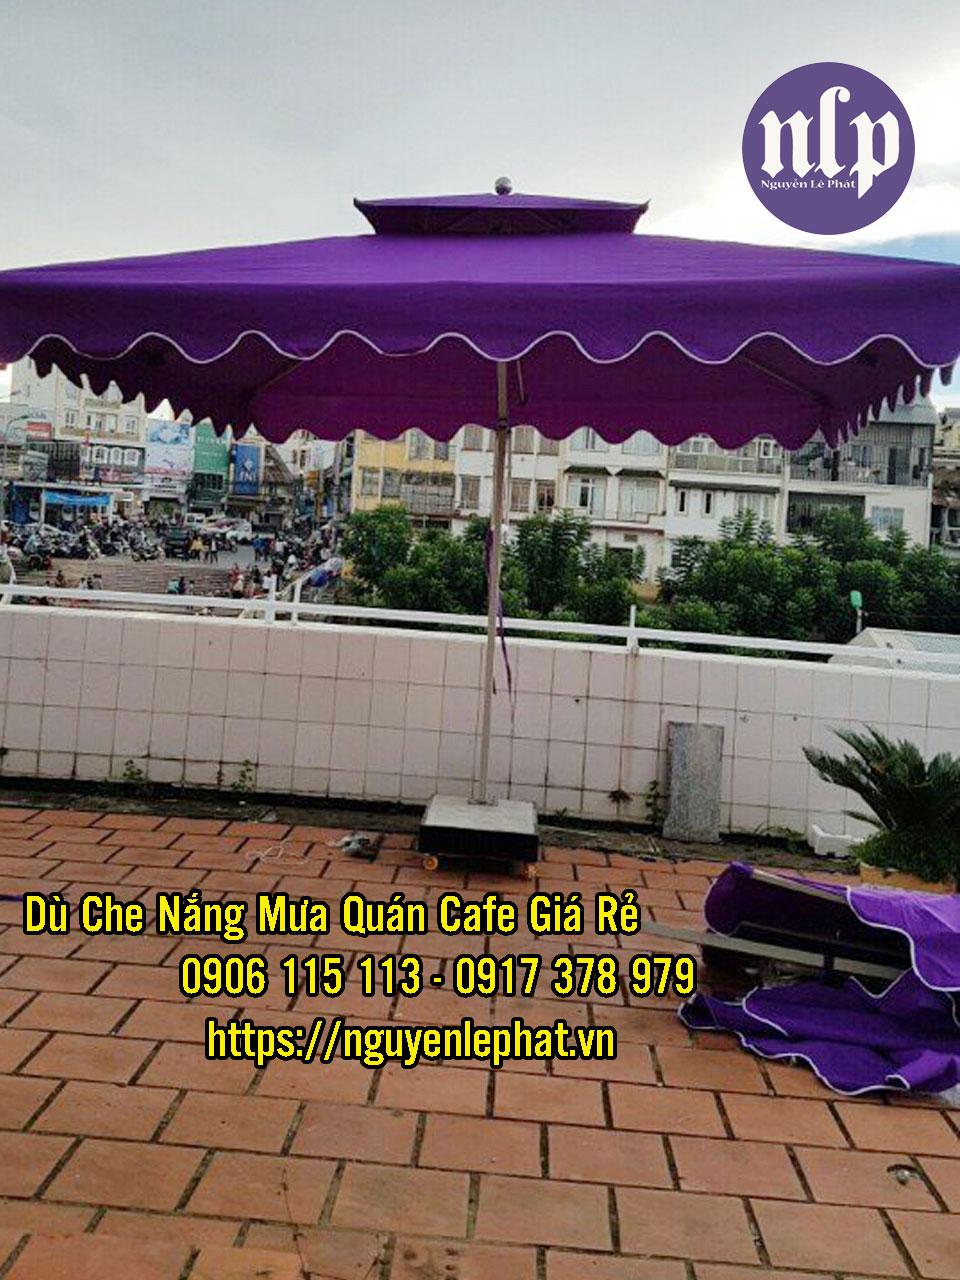 Dù Che Quán Cafe tại Tây Ninh, Dù lệch tâm 2 tầng giá rẻ đẹp tại Tây Ninh, Mẫu dù đẹp 2021